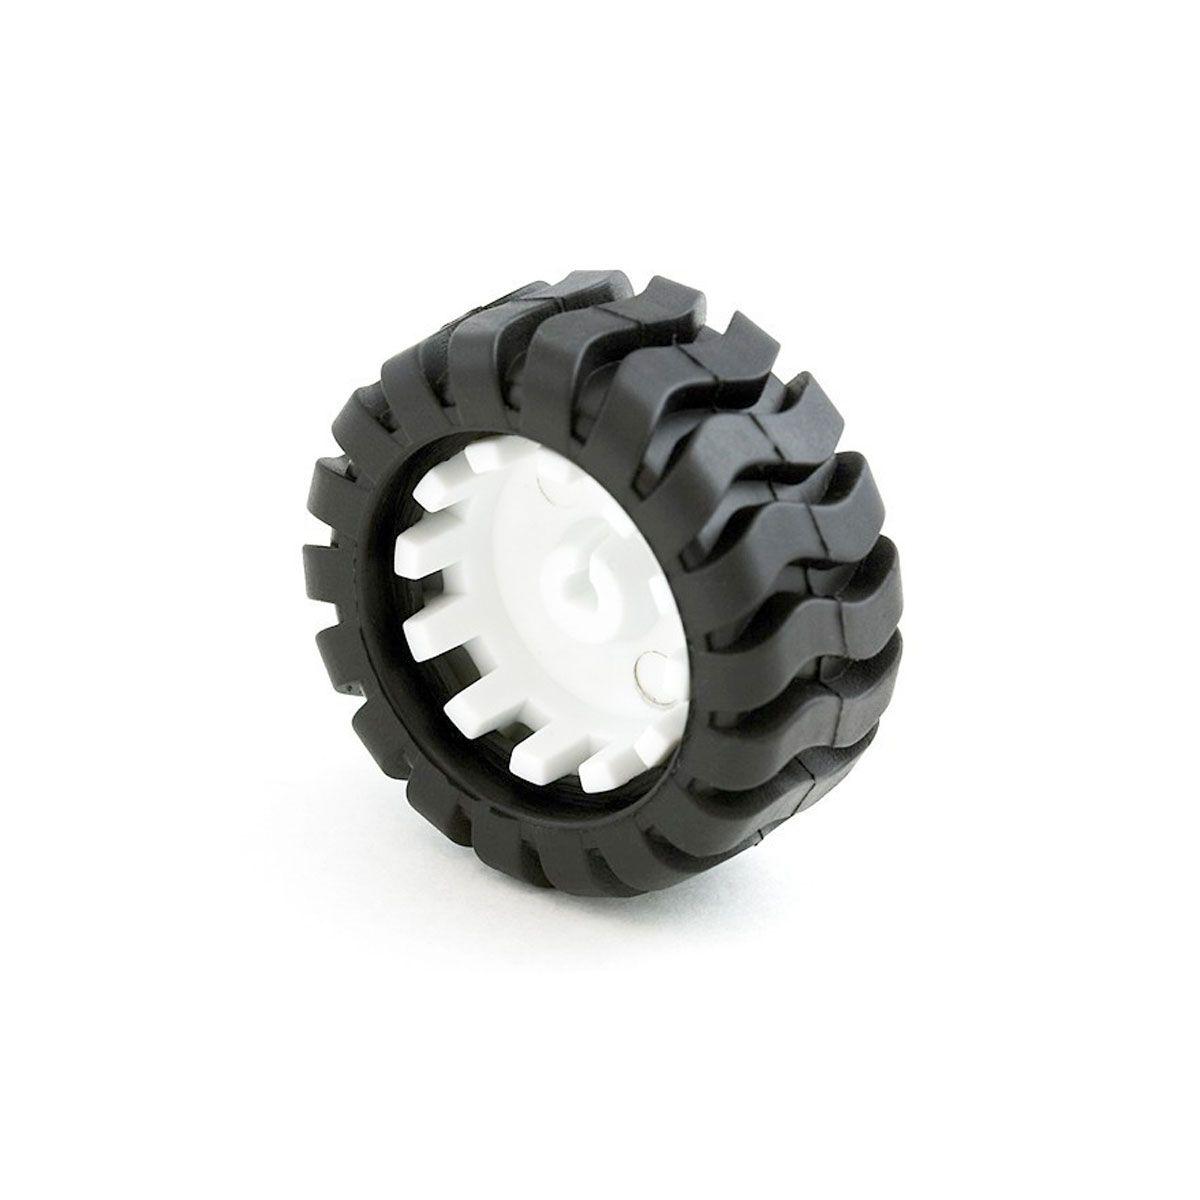 Roda com Pneu de Borracha 43mm de Diâmetro   19mm de espessura e 3mm de furo no eixo. Compatível com Motores N20